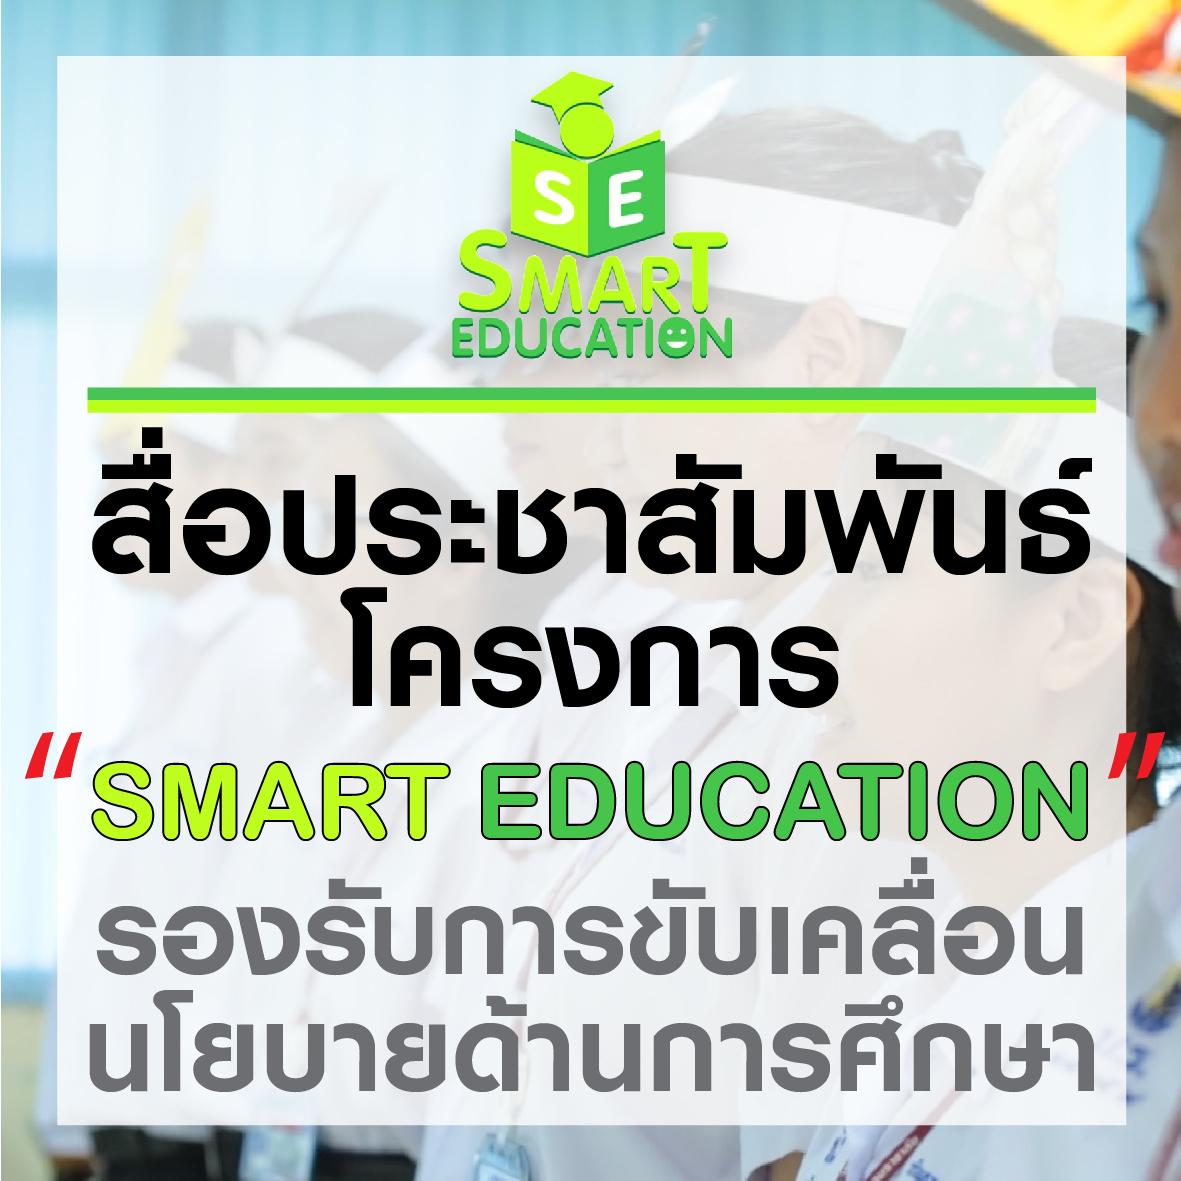 SMAERT EDUCATION